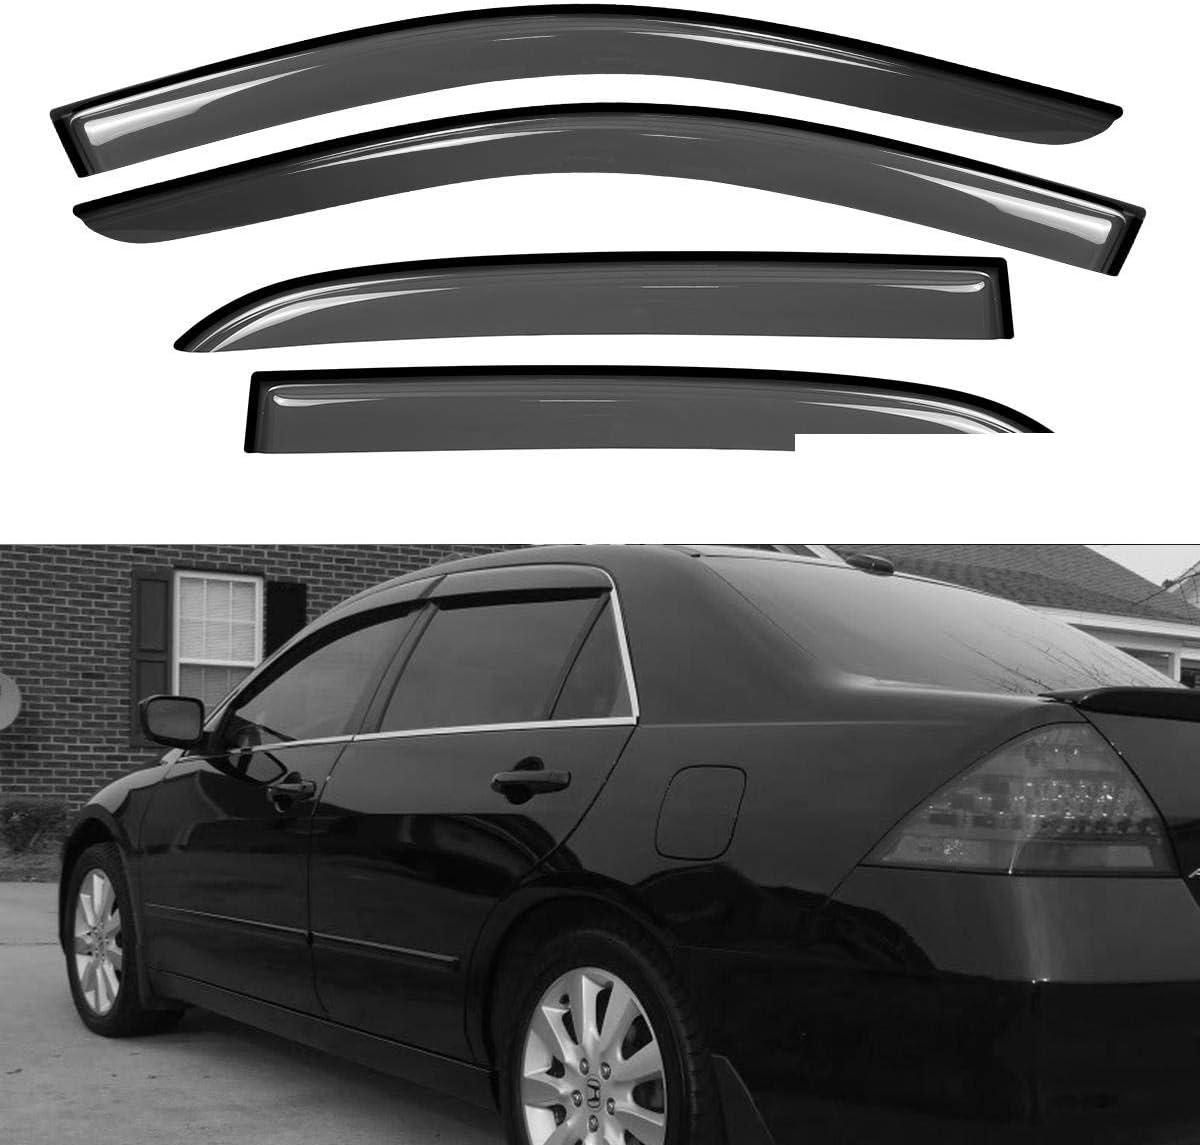 UVIAPW 4pcs Compatible WithHon.da4D 4Dr Spring new work Sedan Max 76% OFF Sun Ven Rain Guard